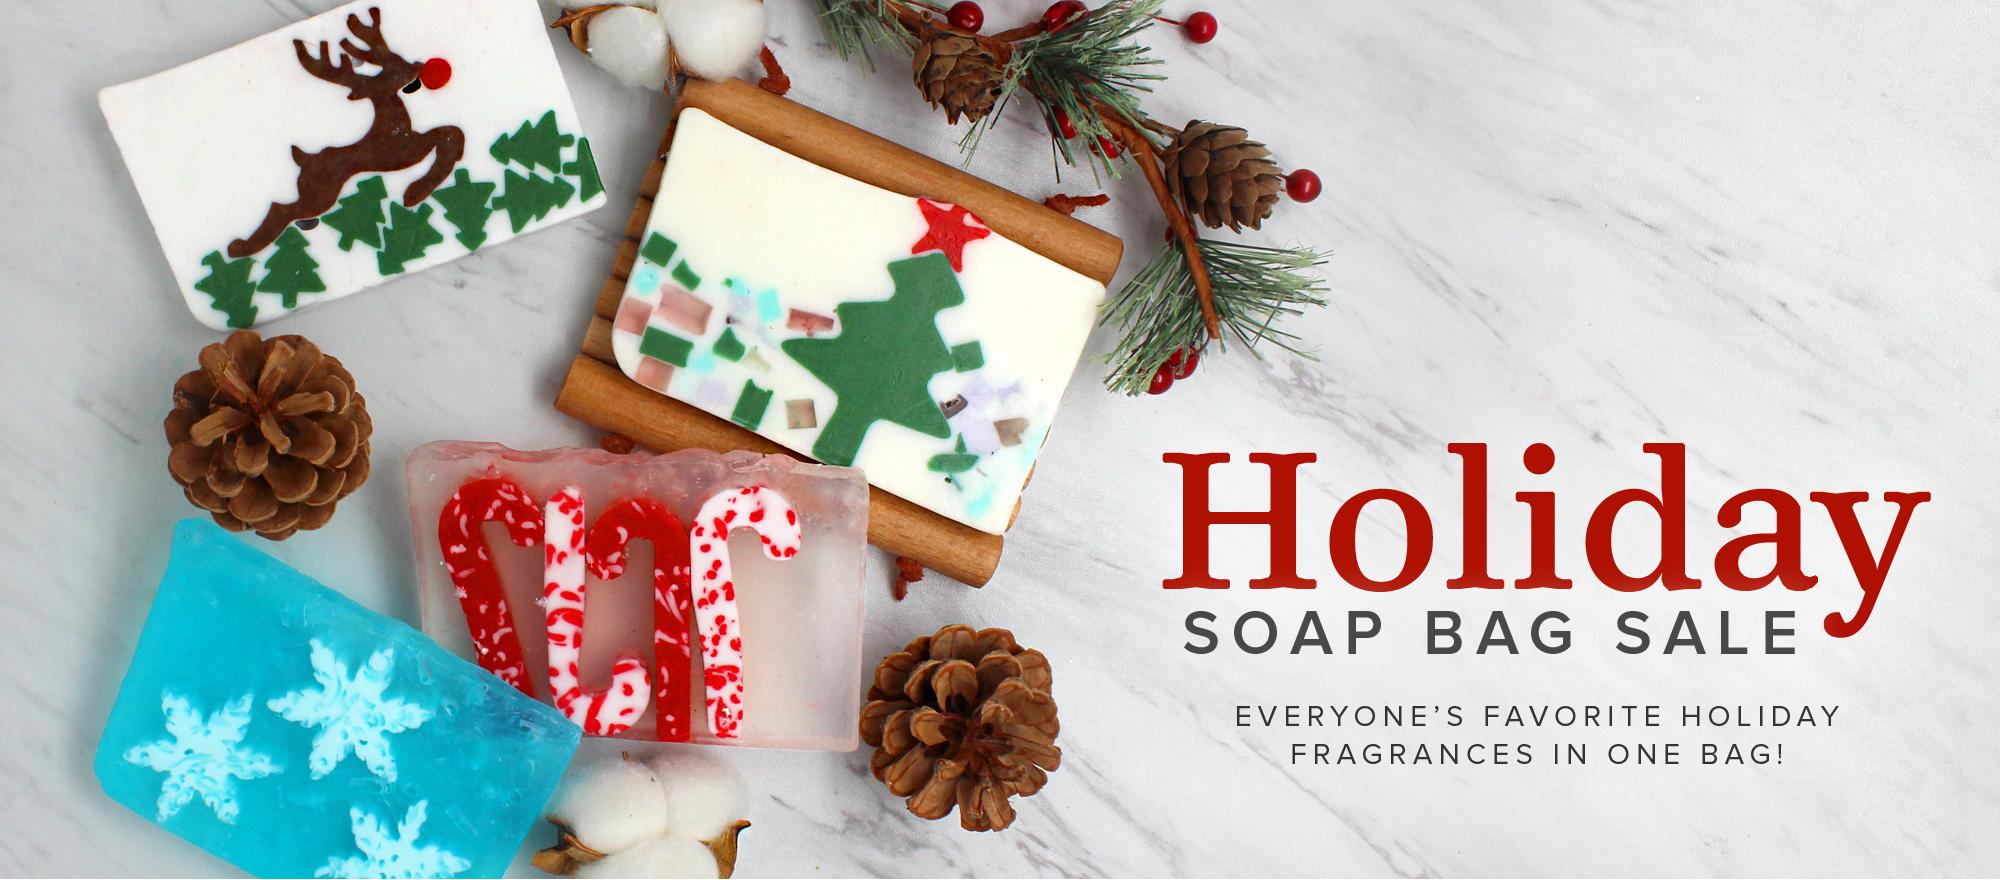 Holiday Soap Bag